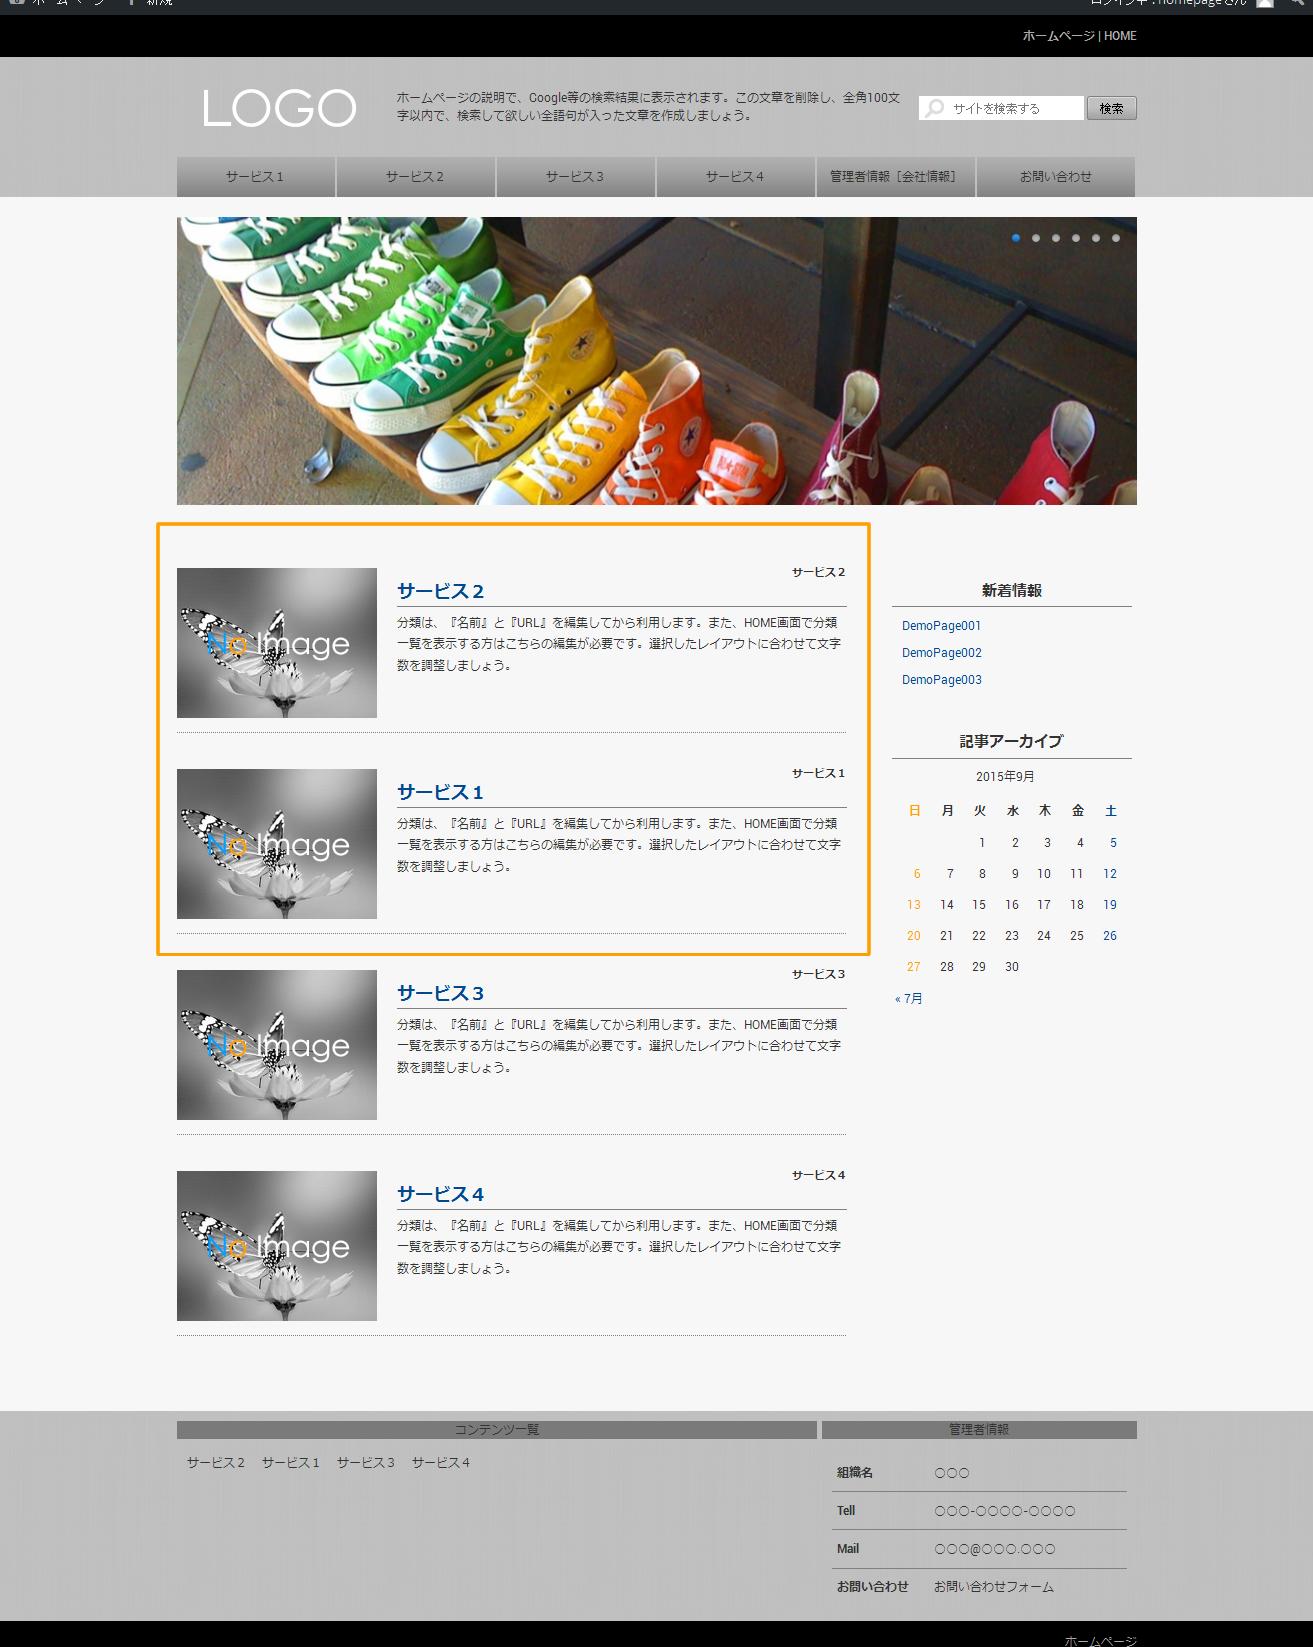 ホームページ 分類の表示順変更後 | 簡単格安ホームページ作成サイト - FunMaker